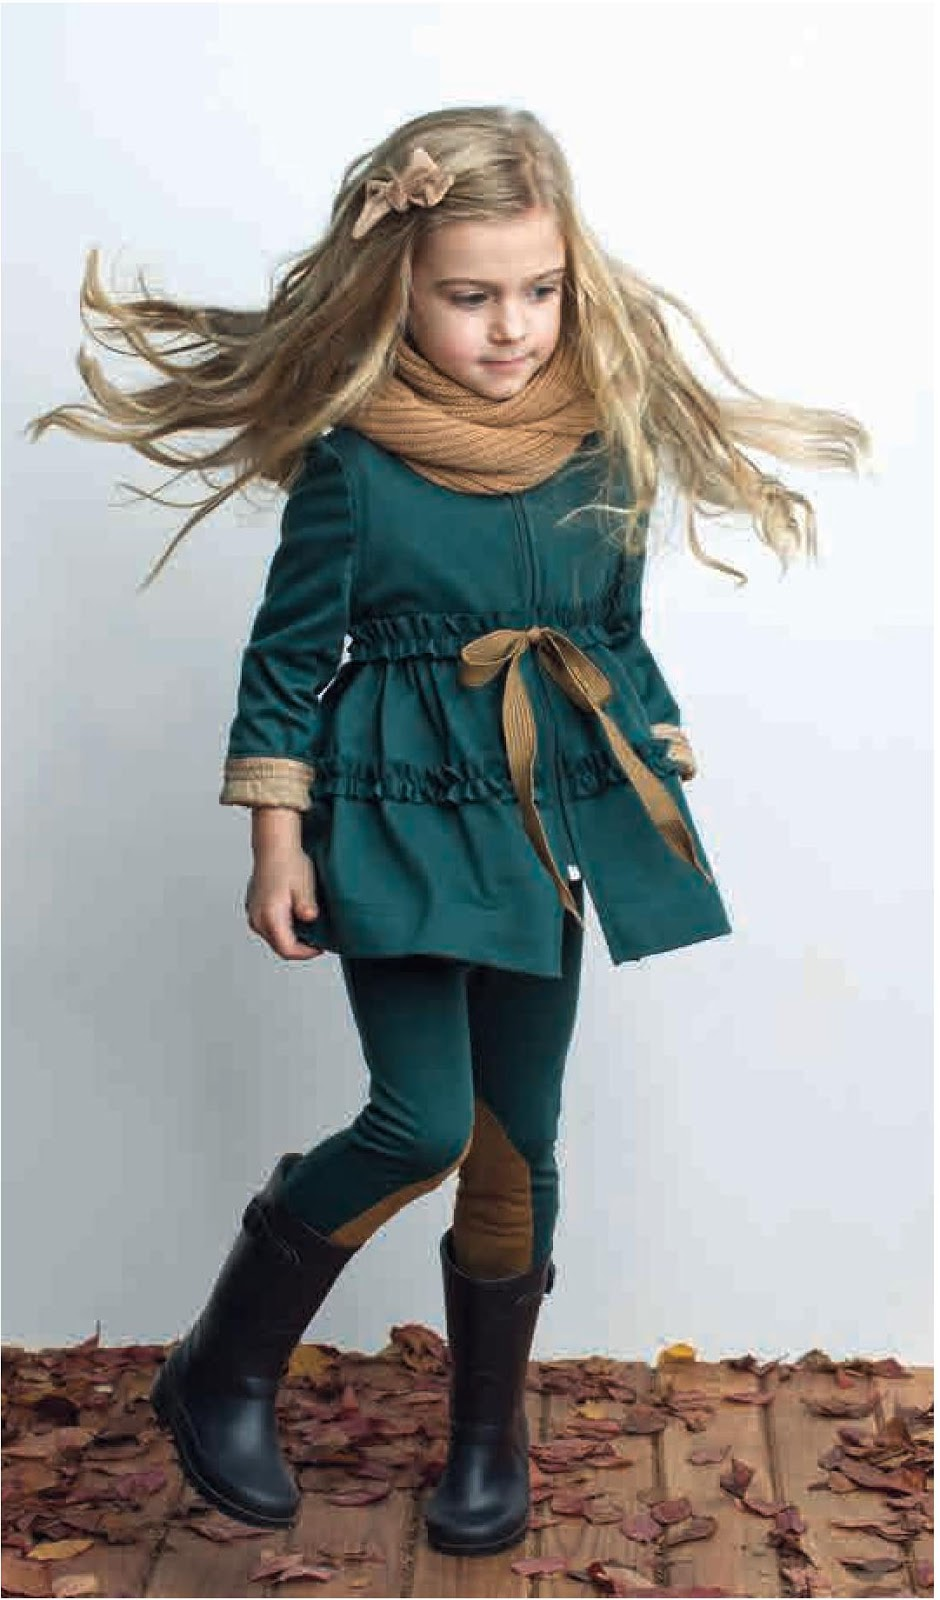 imagenes de ropa para niñas - imagenes de ropa | MODA INFANTIL ROPA para niños ropa para Blogger